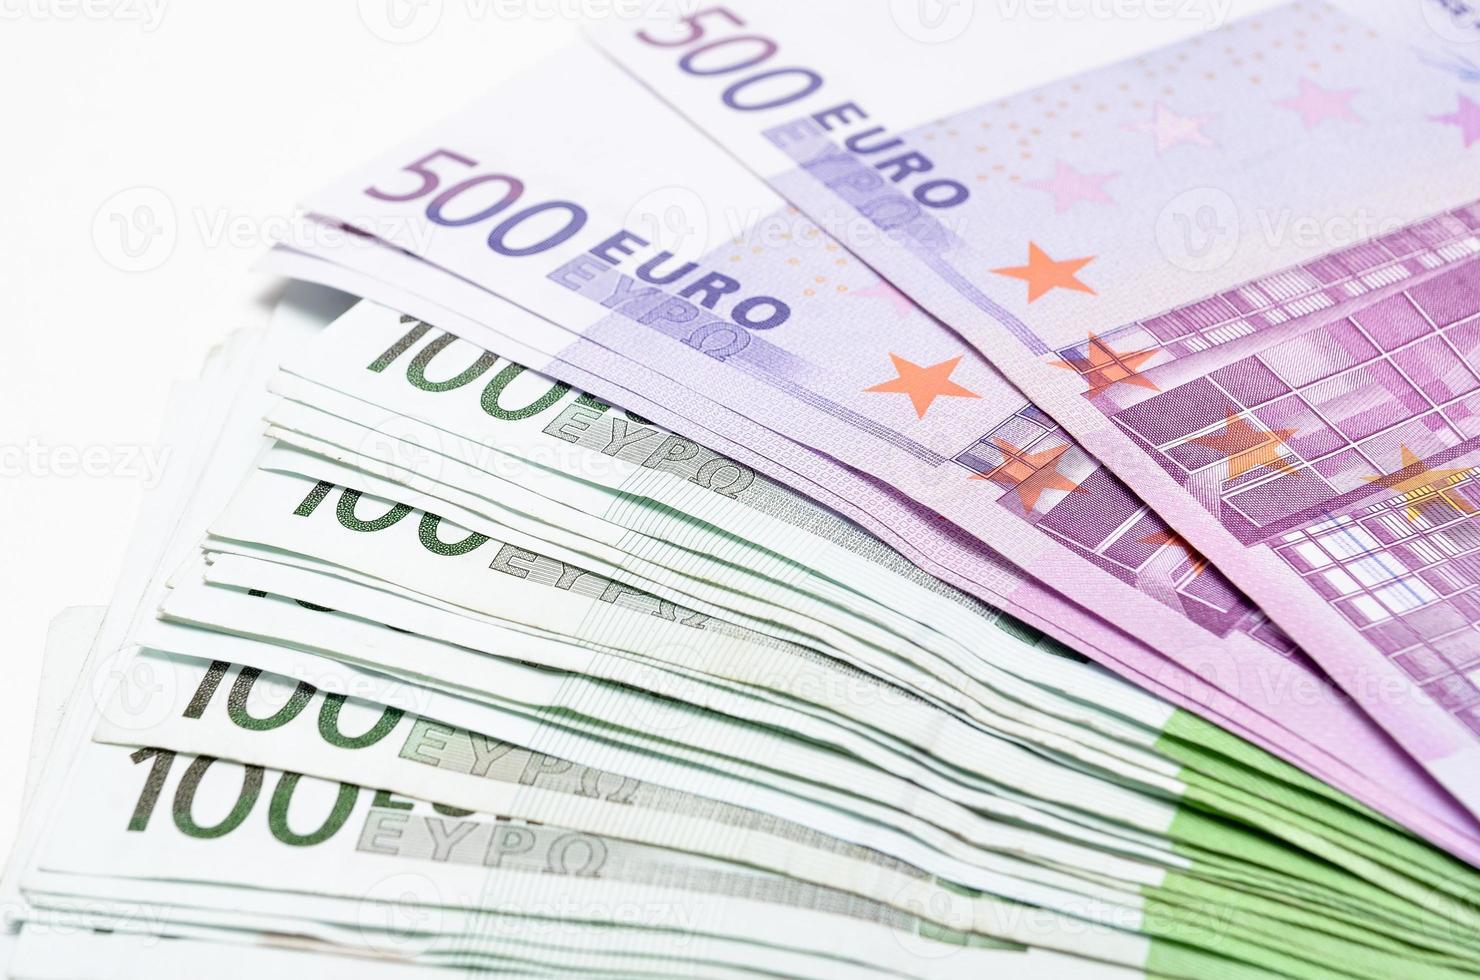 pilha de dinheiro notas de euro notas. moeda euro da europa foto